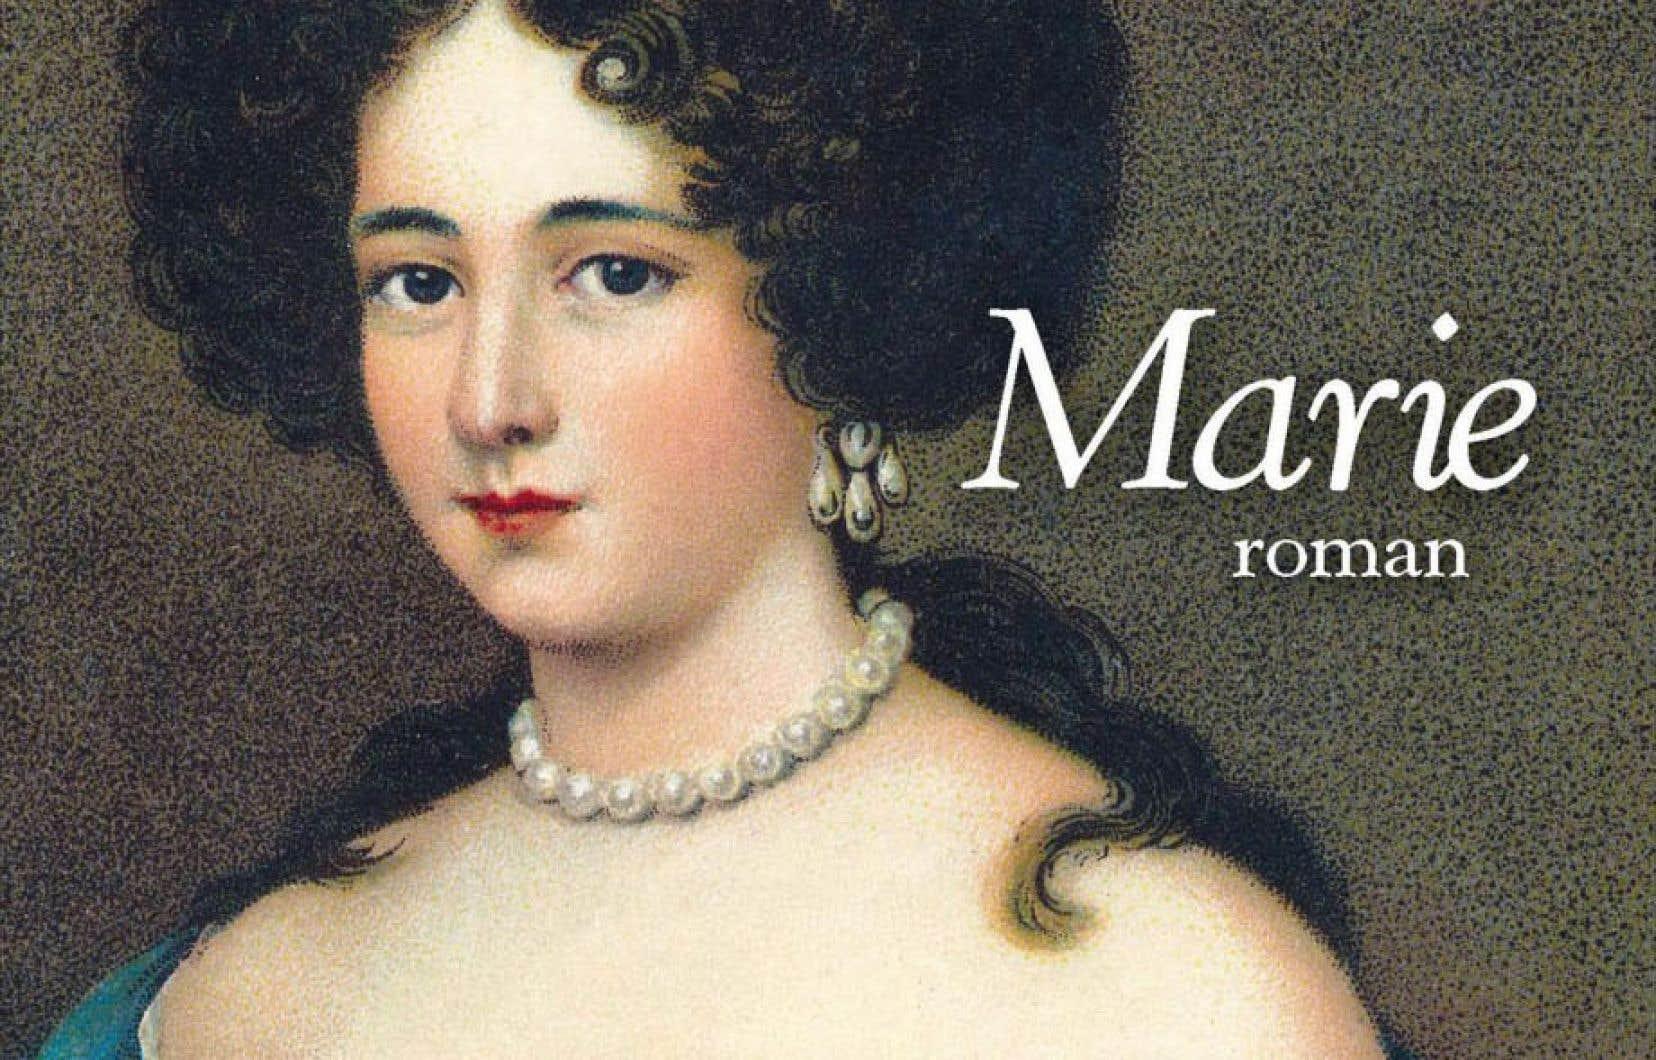 La petite Marie, par sa propension à la lecture plus qu'à la coquetterie, gagnera le cœur de son oncle, le tout-puissant Mazarin, maître de la France. Puis celui de Louis XIV.